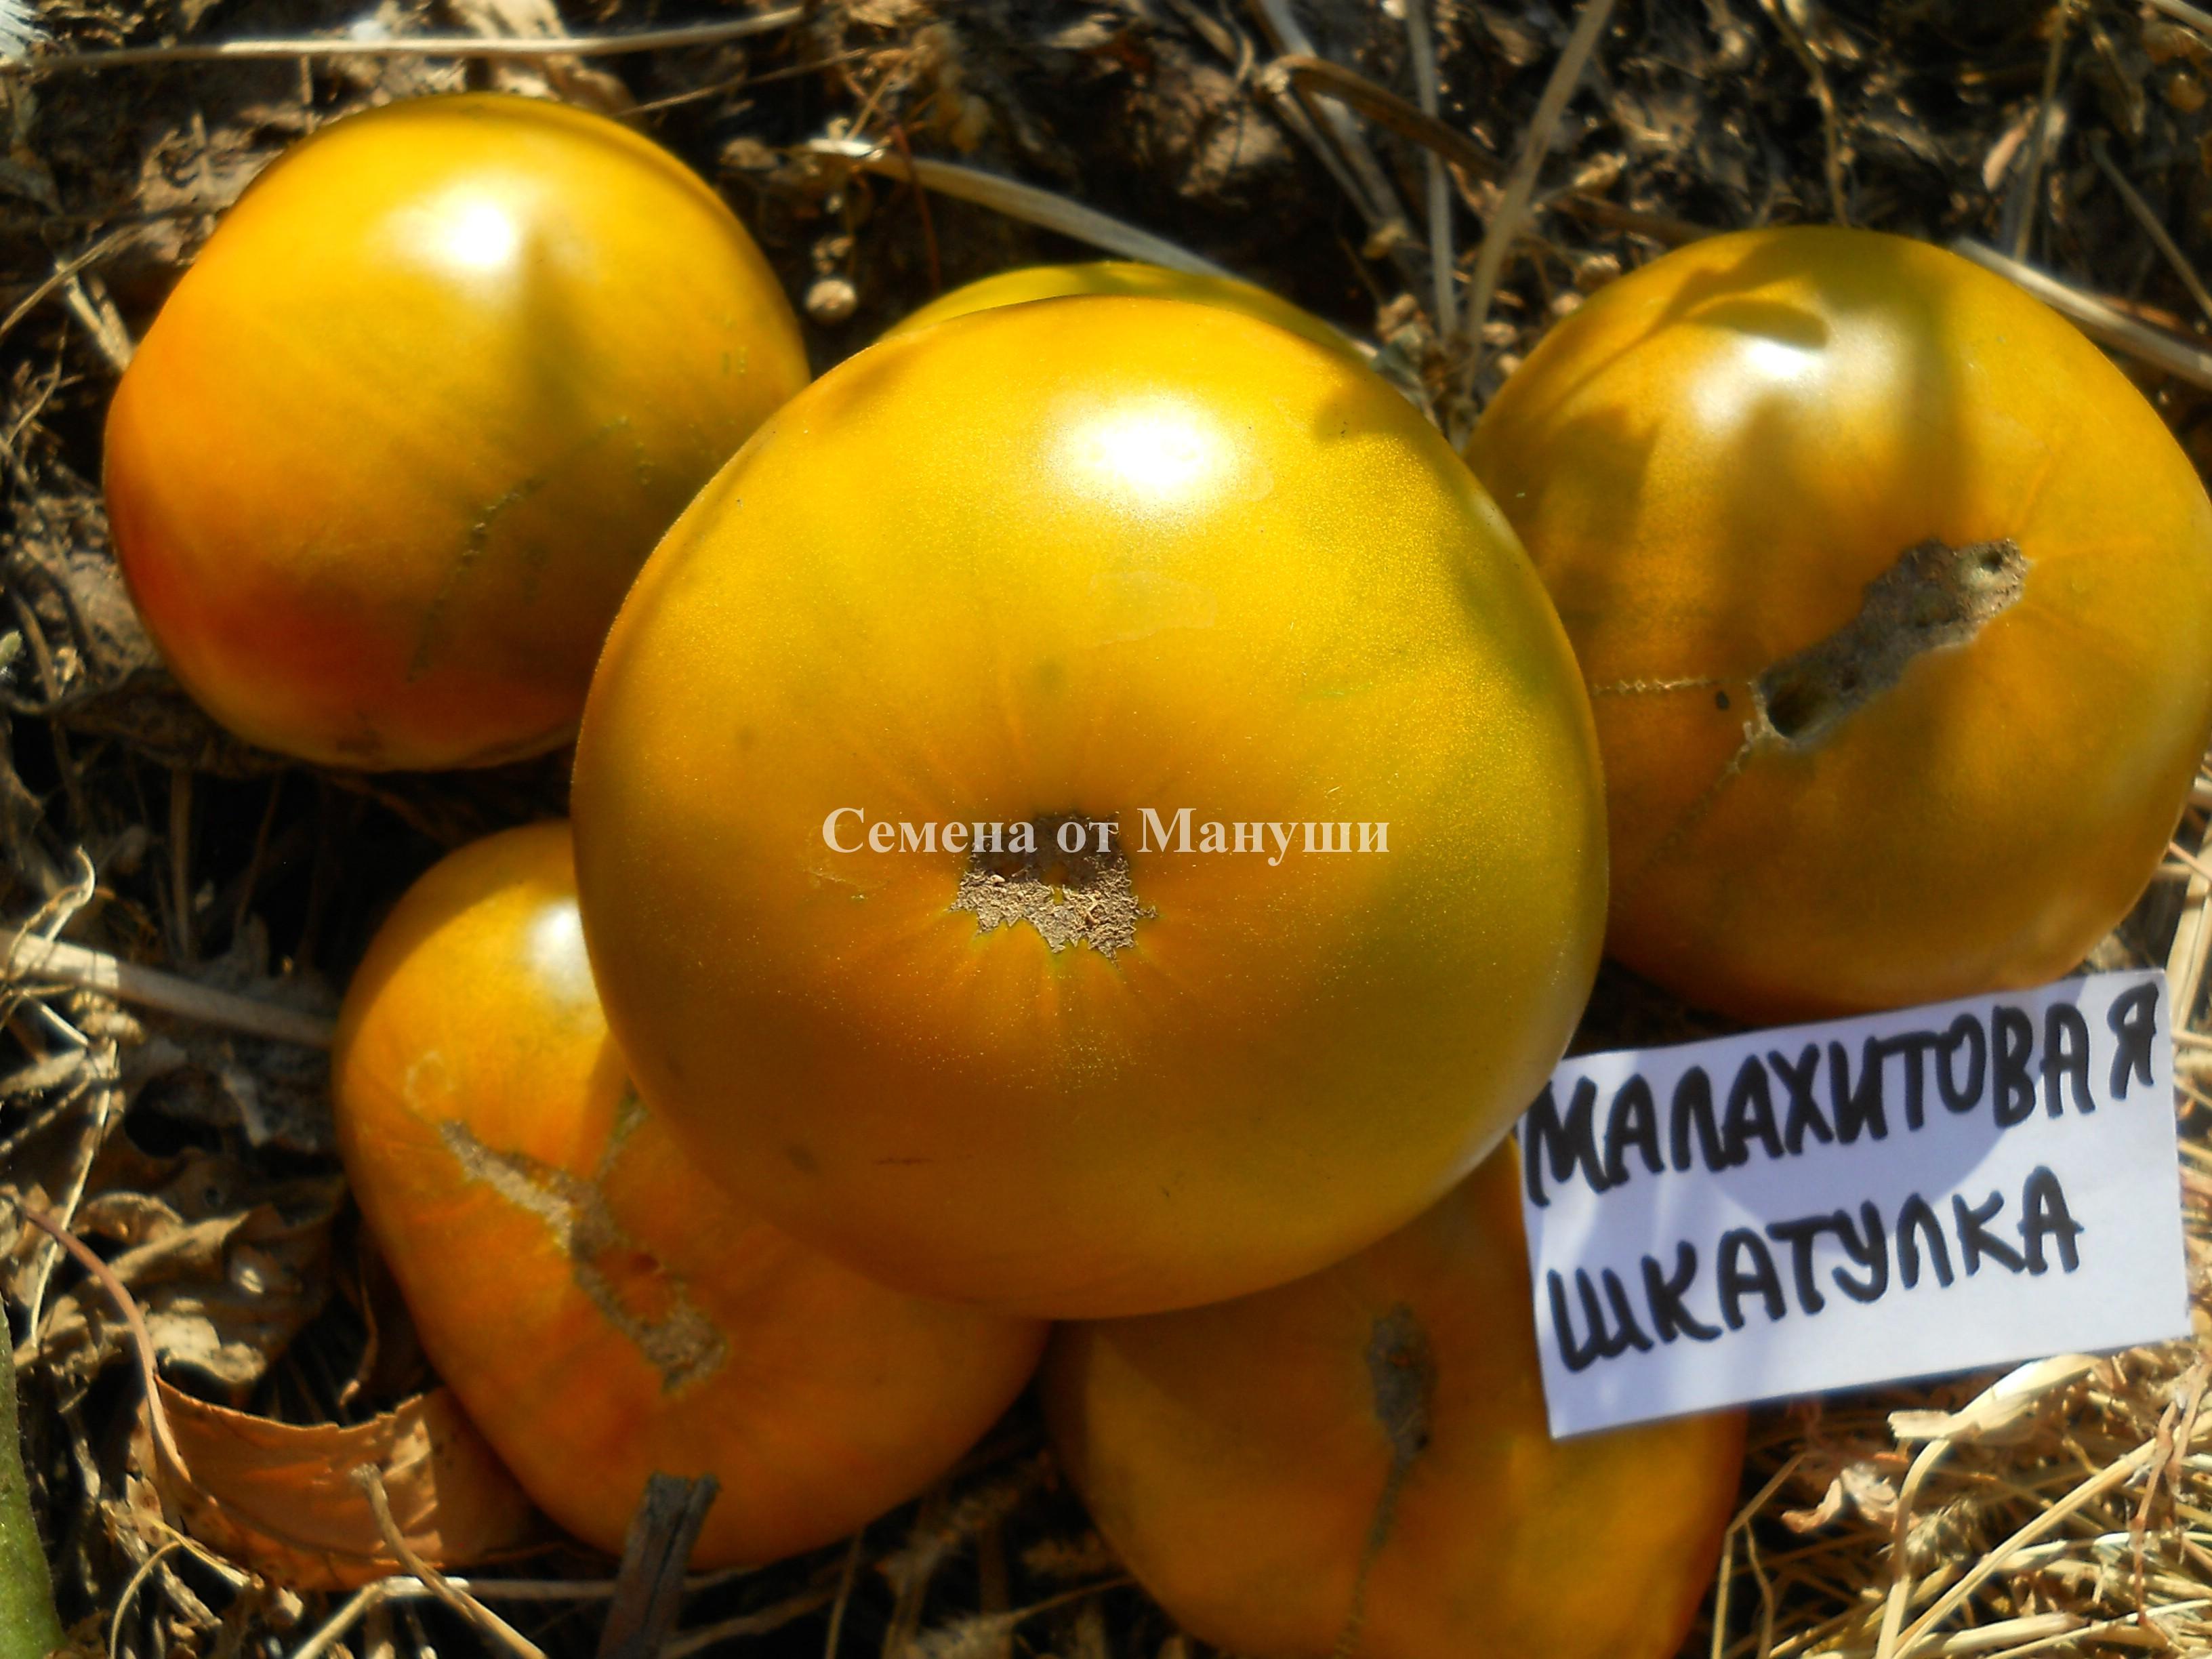 Томат малахитовая шкатулка — характеристика и описание сорта, фото, урожайность, отзывы, видео